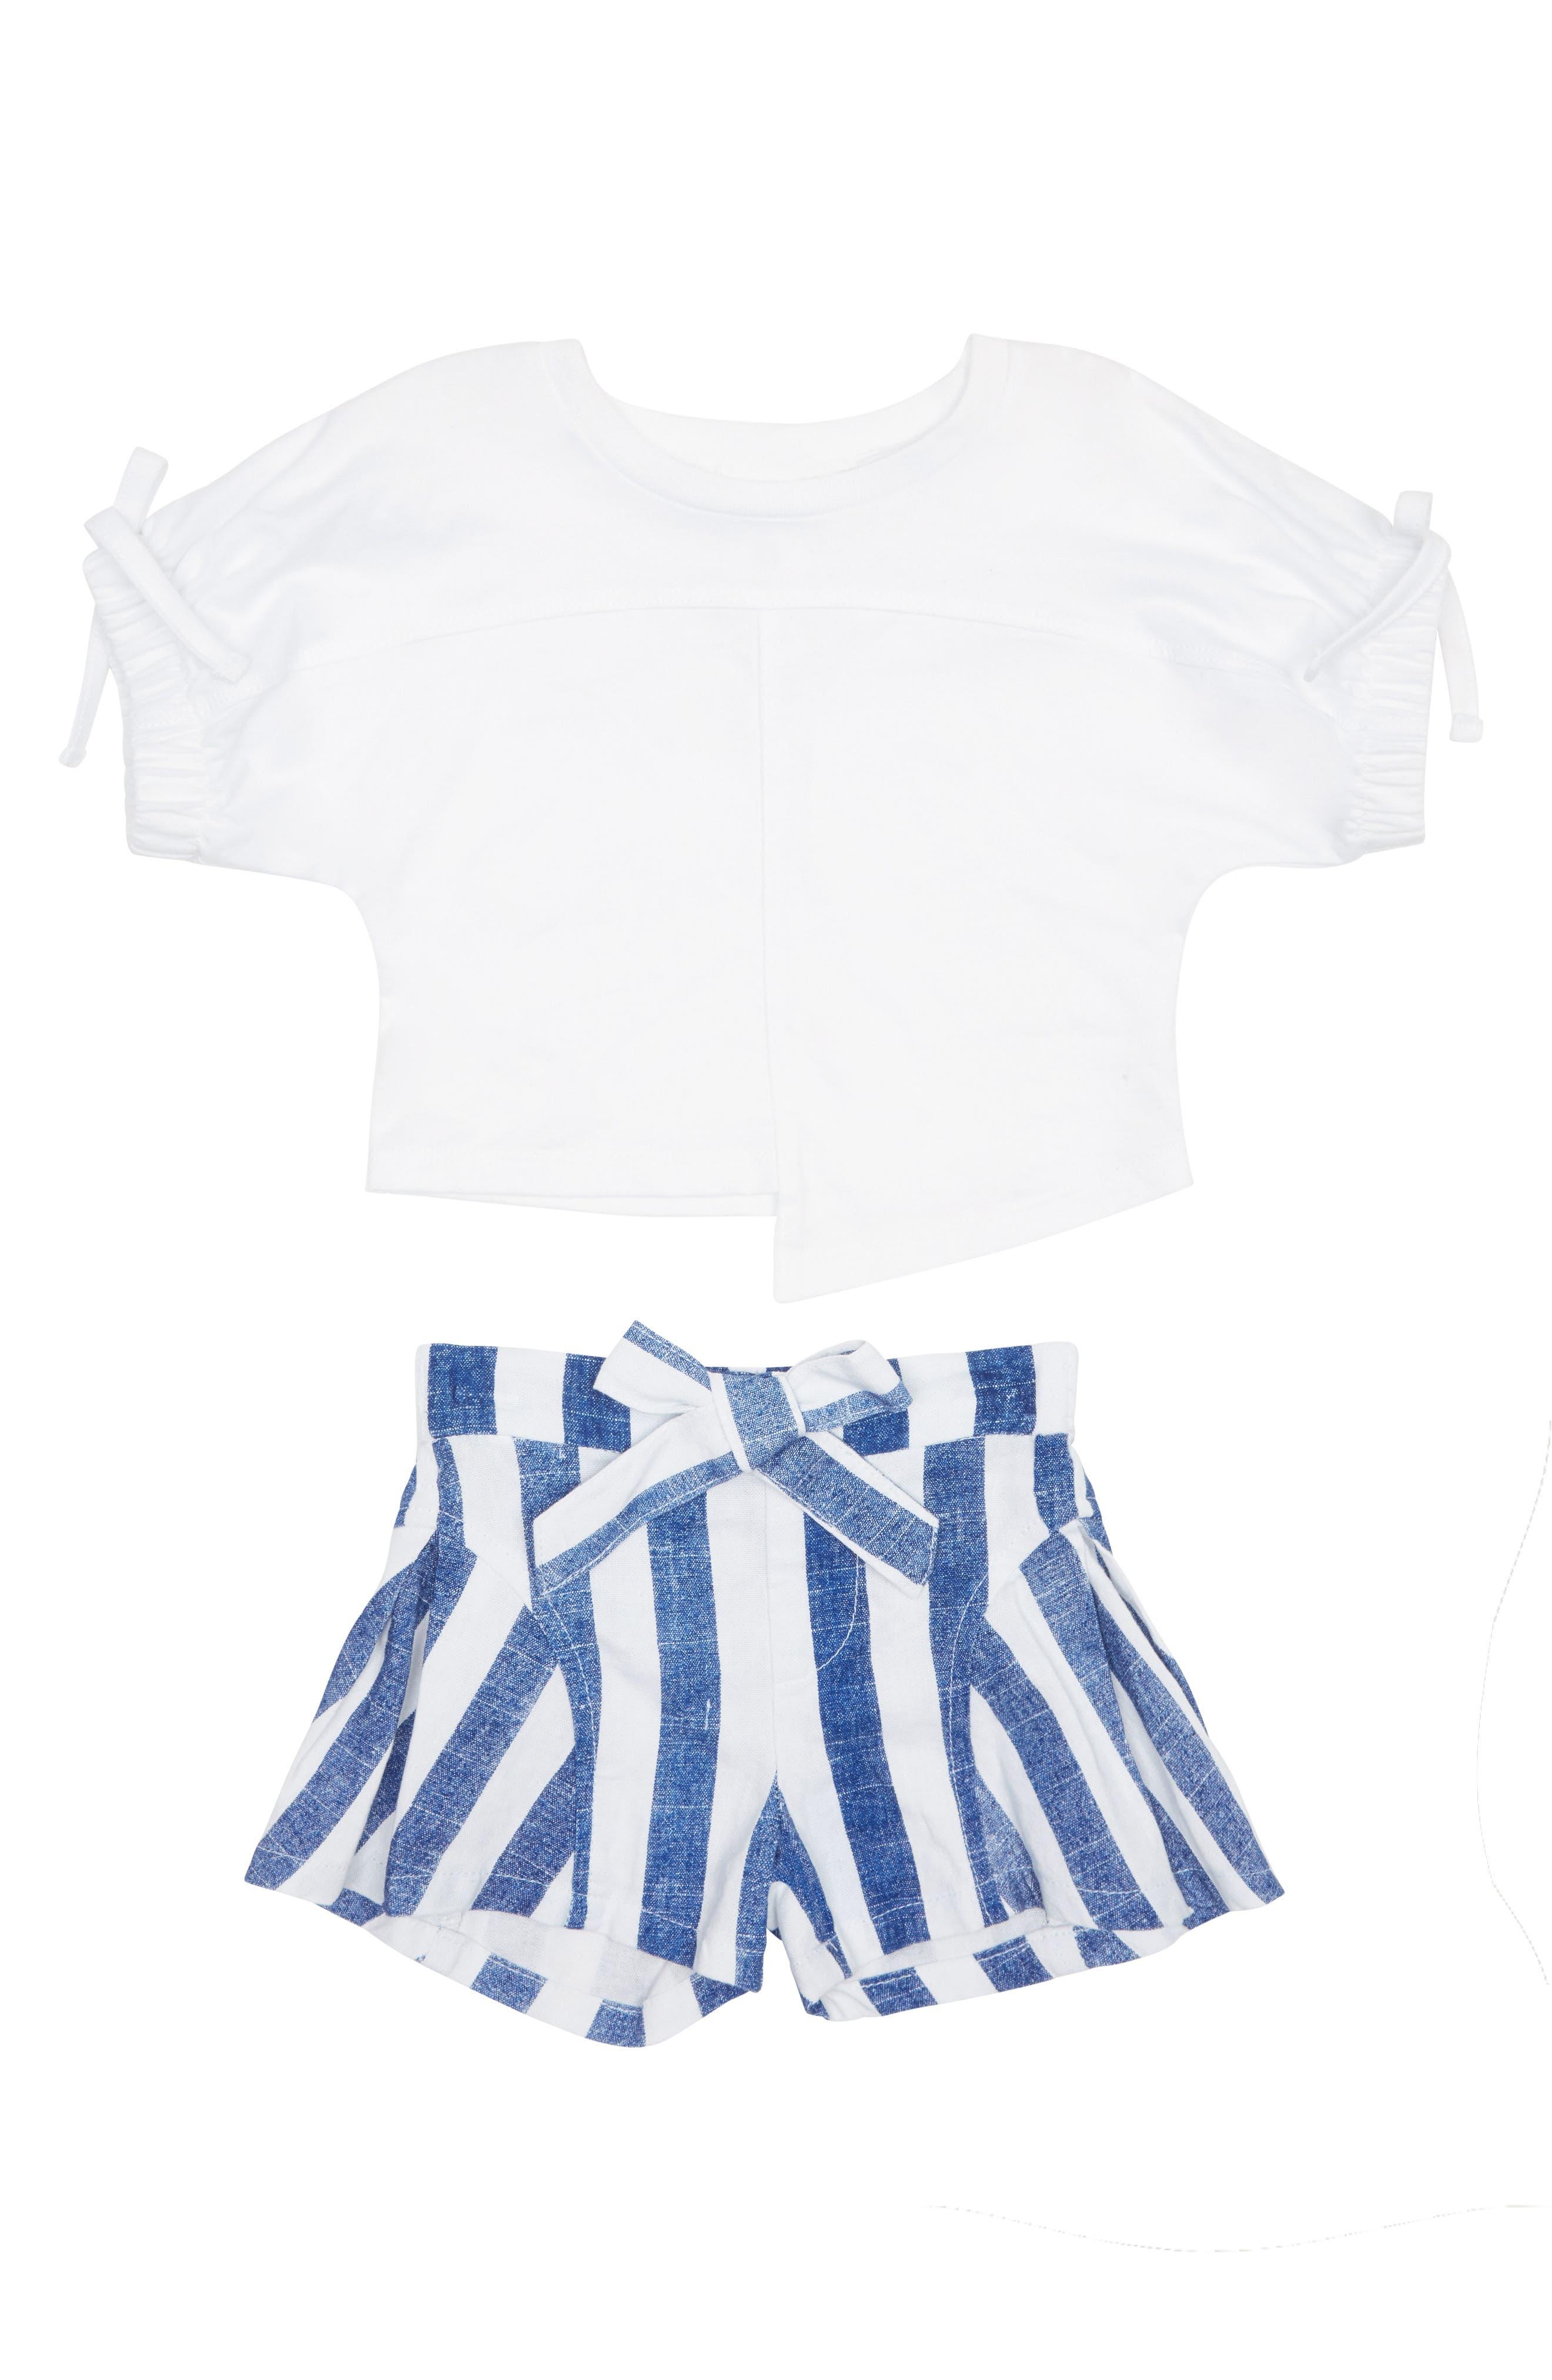 Toddler Girls Habitual Kenna Shorts Set